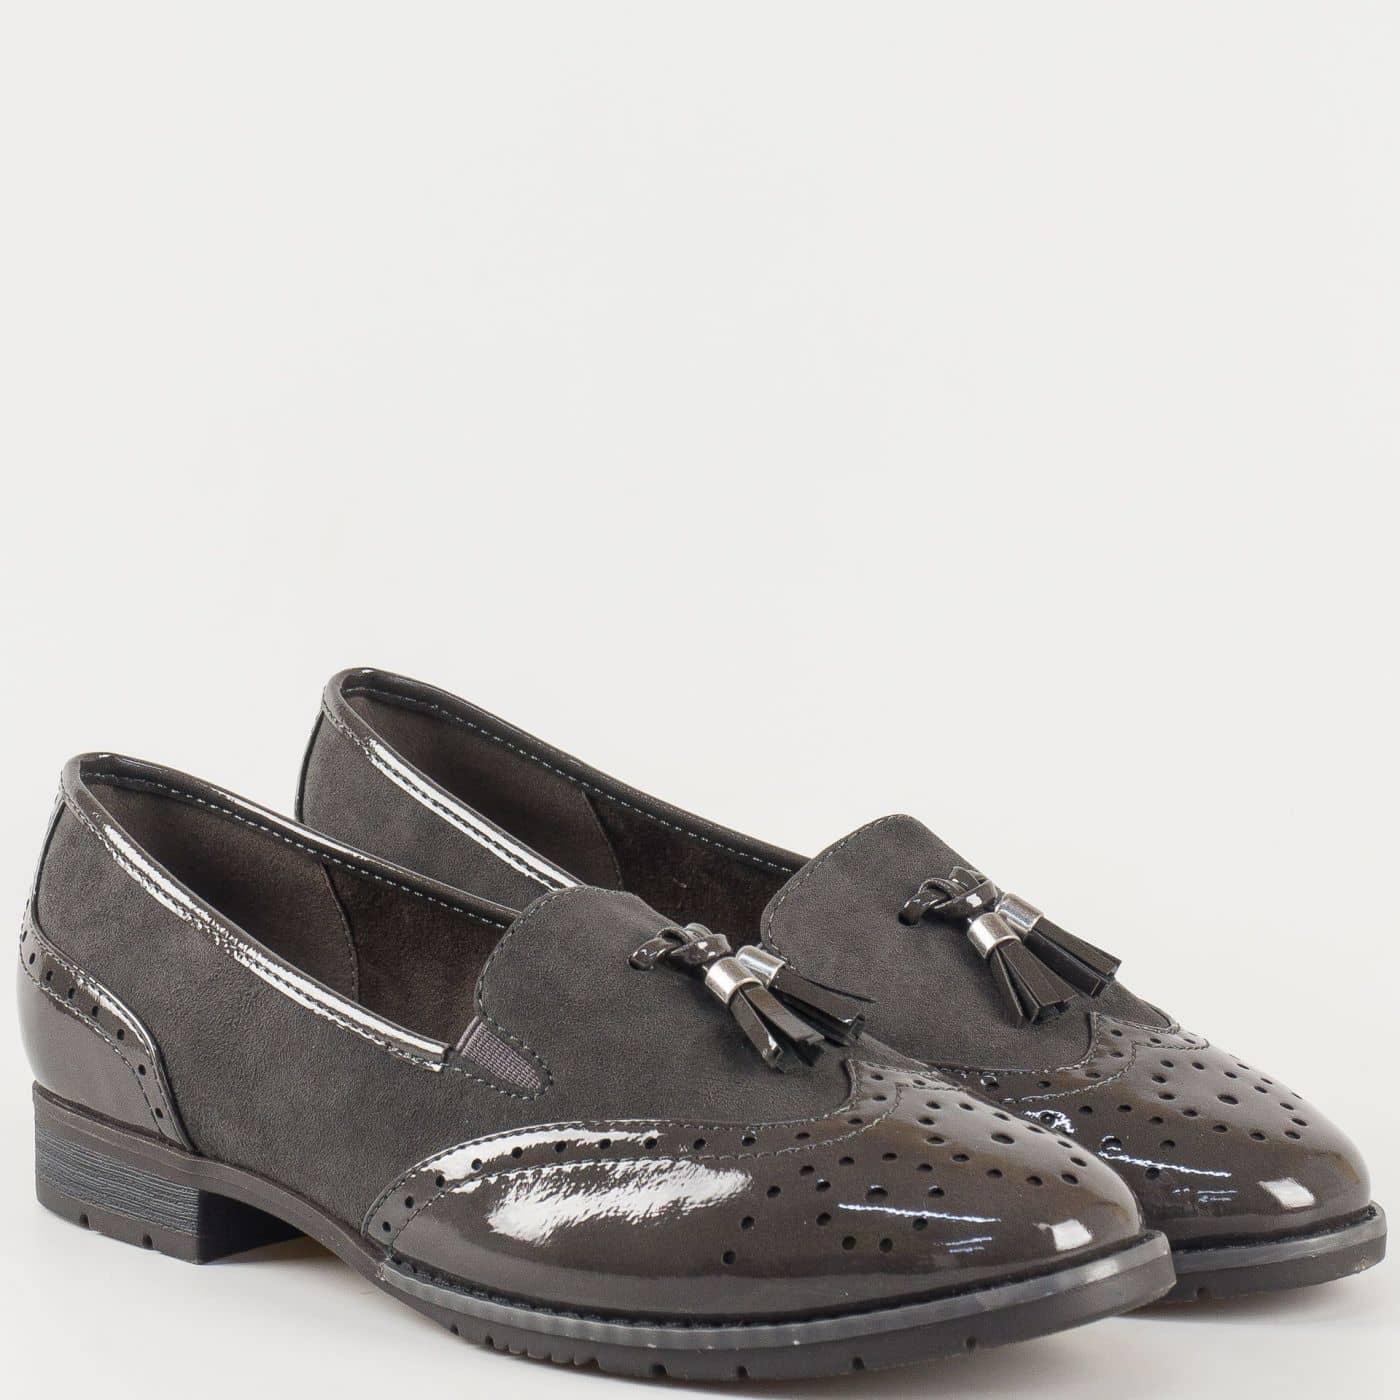 a9e689d0c6f Дамски обувки на нисък ток в стил Оксфорд на немският производител Jana в  сив цвят 824260sv - Sisi-bg.com